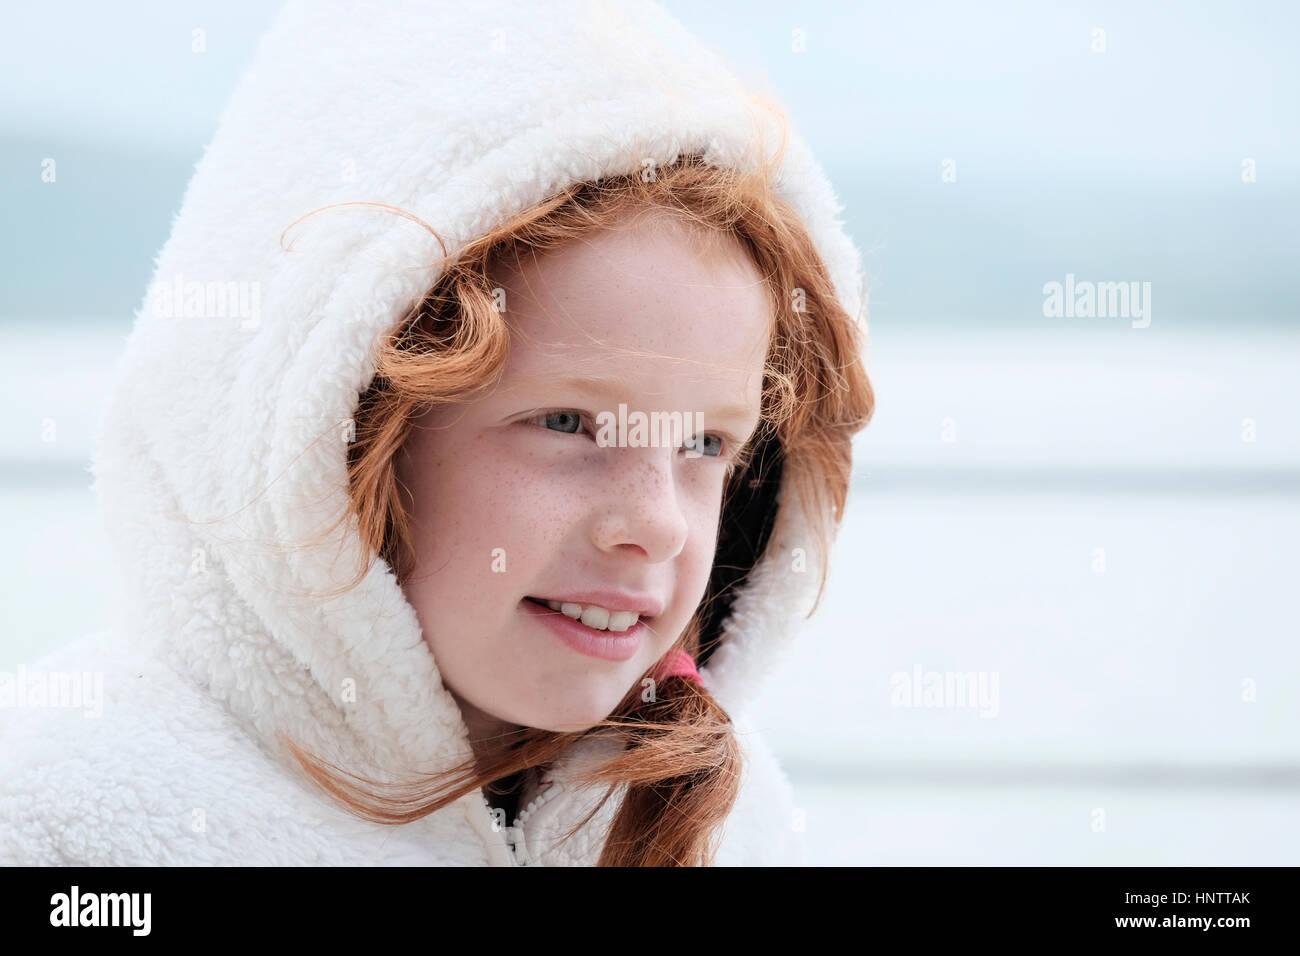 Porträt eines Mädchens auf einem windigen Küste. Stockbild